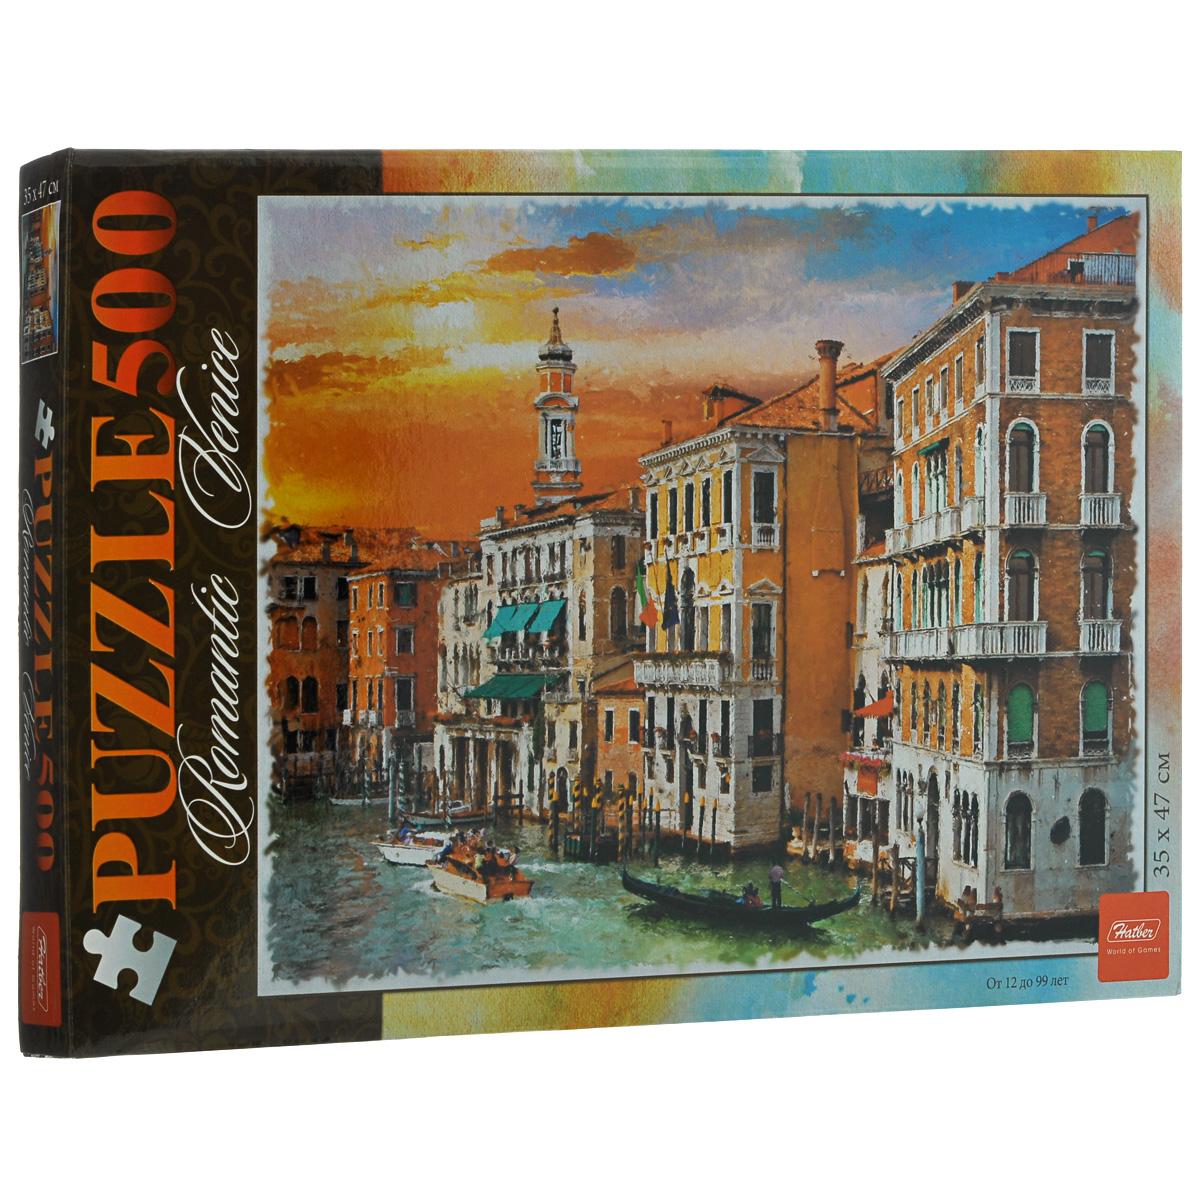 Венеция. Пазл, 500 элементов. 500ПЗ2_12714500ПЗ2_12714Пазл Венеция, без сомнения, придется по душе вашему ребенку. Собрав этот пазл, вы получите яркую цветную картинку с изображением фрагмента улочки Венеции. Пазлы - замечательная игра для всей семьи. Собирание пазла развивает у детей мелкую моторику рук, тренирует наблюдательность, логическое мышление, знакомит с окружающим миром, с цветом и разнообразными формами, учит усидчивости и терпению, аккуратности и вниманию. Получившееся яркое изображение станет отличным украшением вашего интерьера.